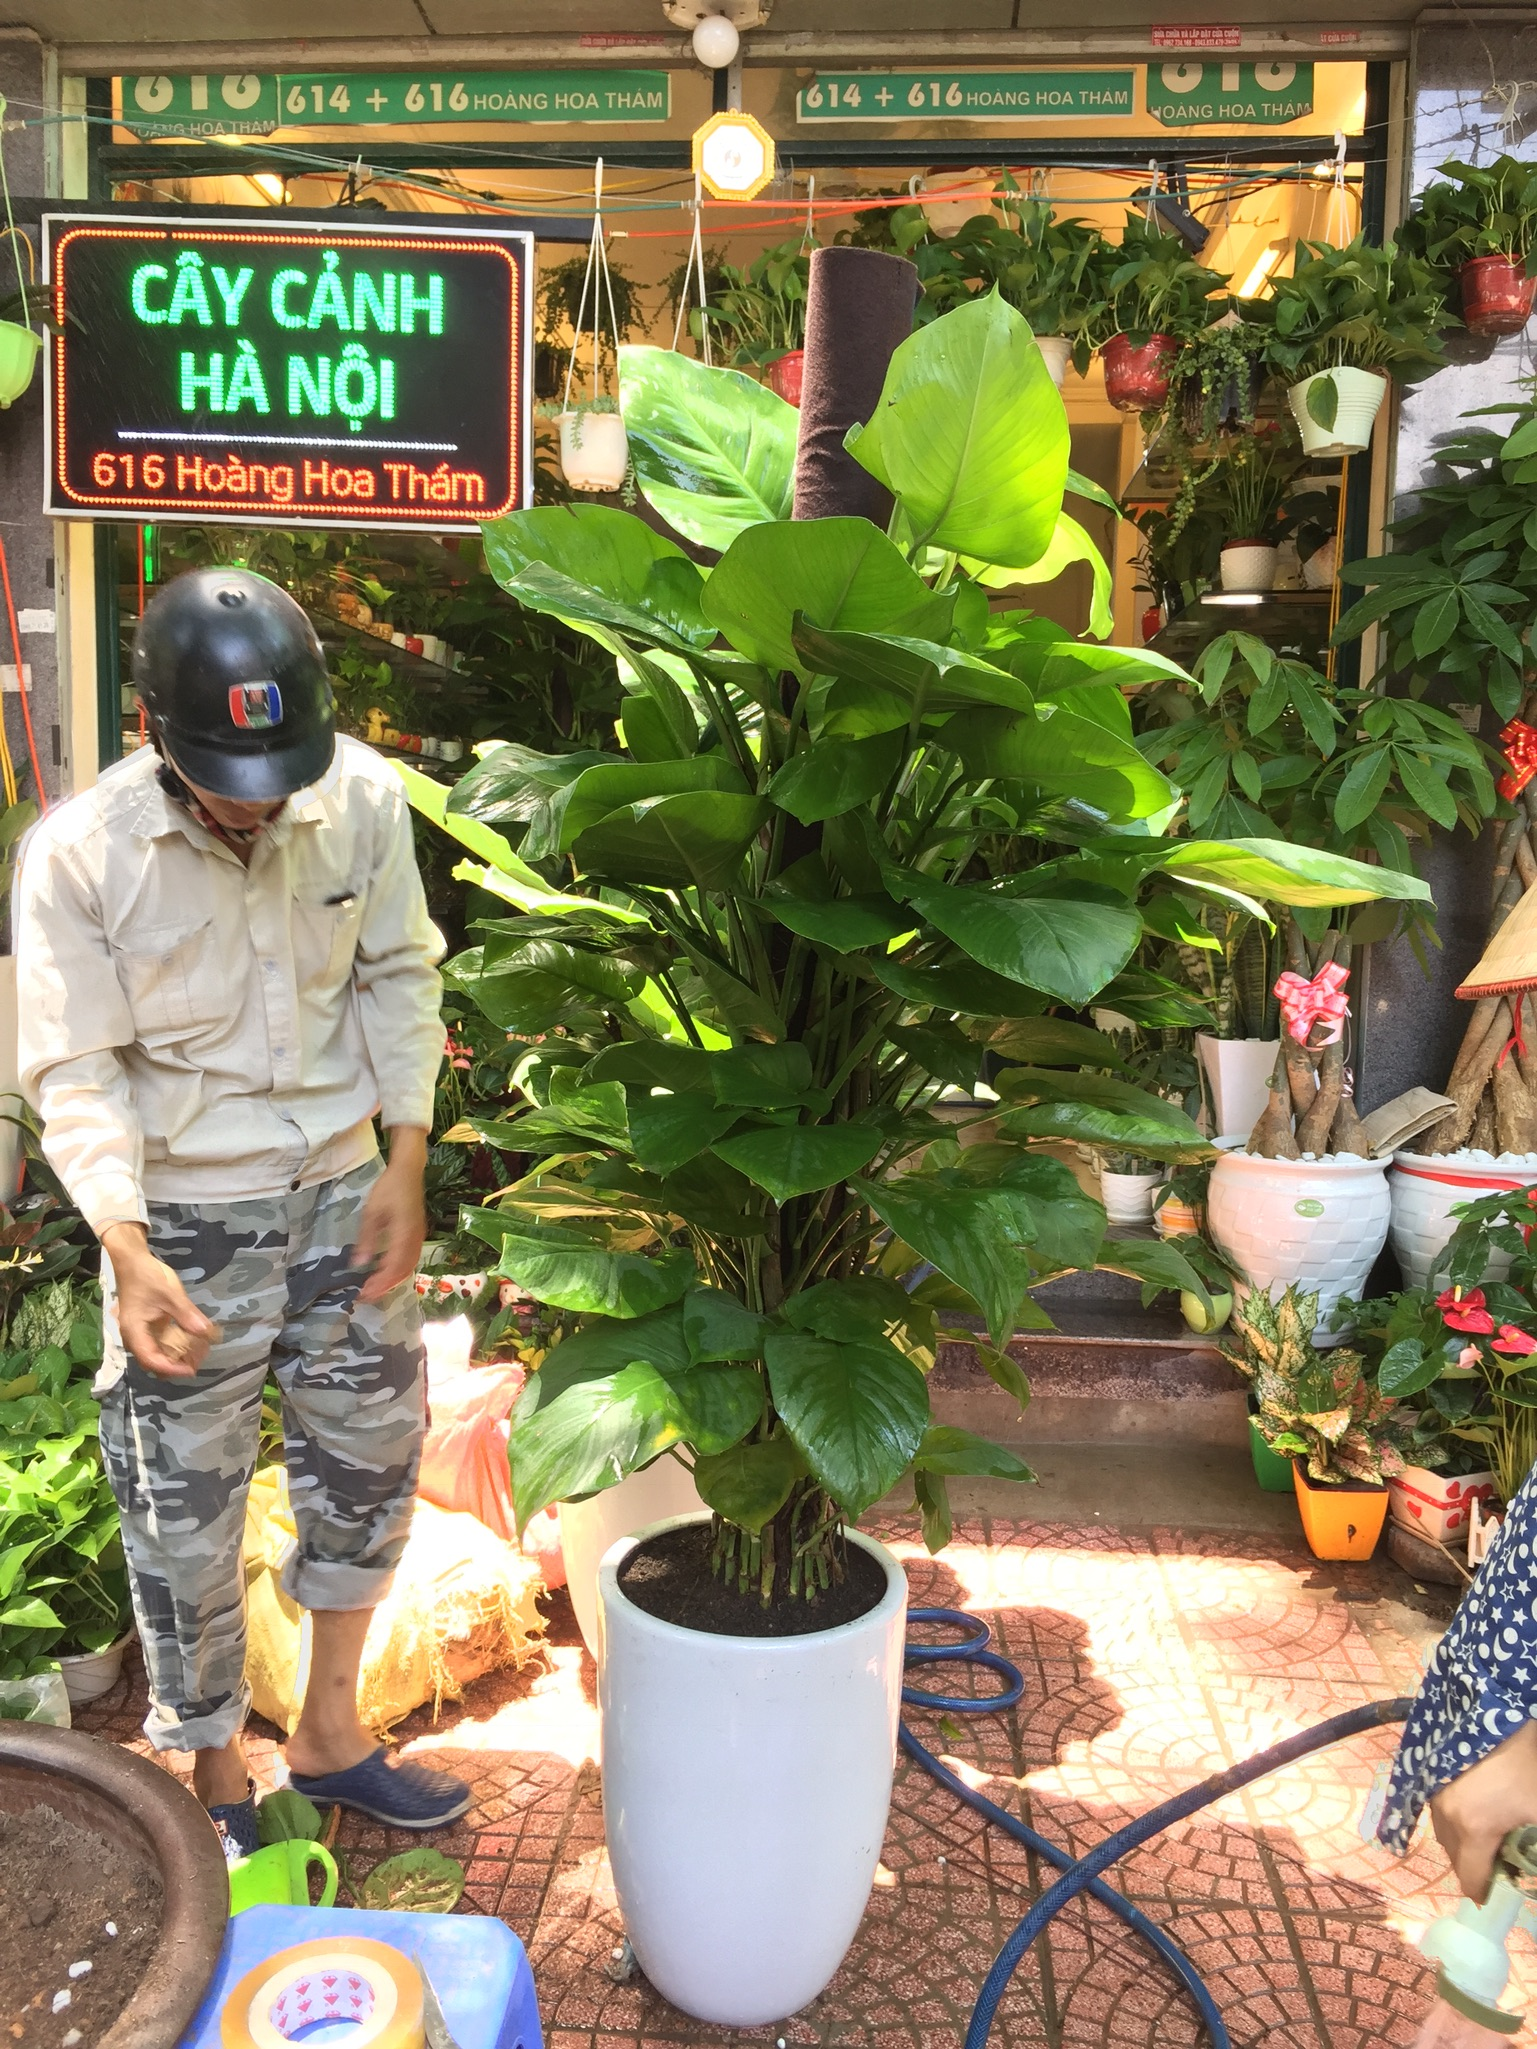 cay-van-nien-thanh-1 Cây Vạn Niên Thanh- loài cây cát tường